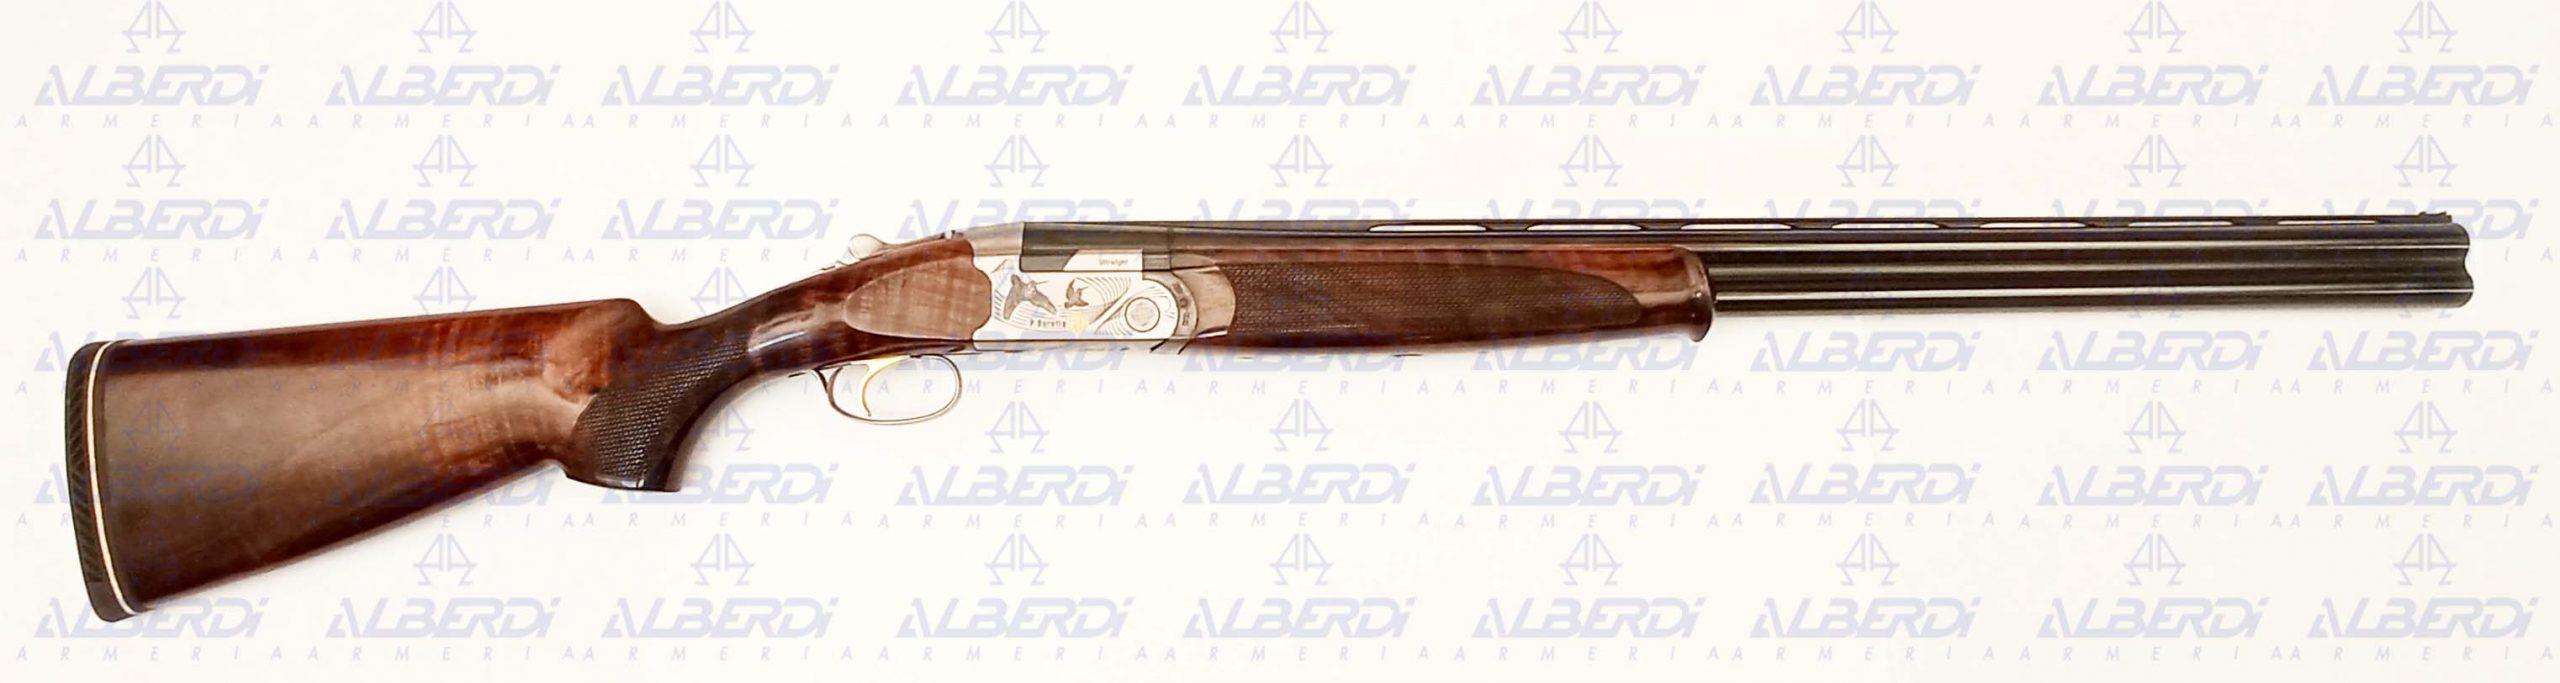 BERETTA mod Ultralight cal 12 nº P91028B-1 B Agua